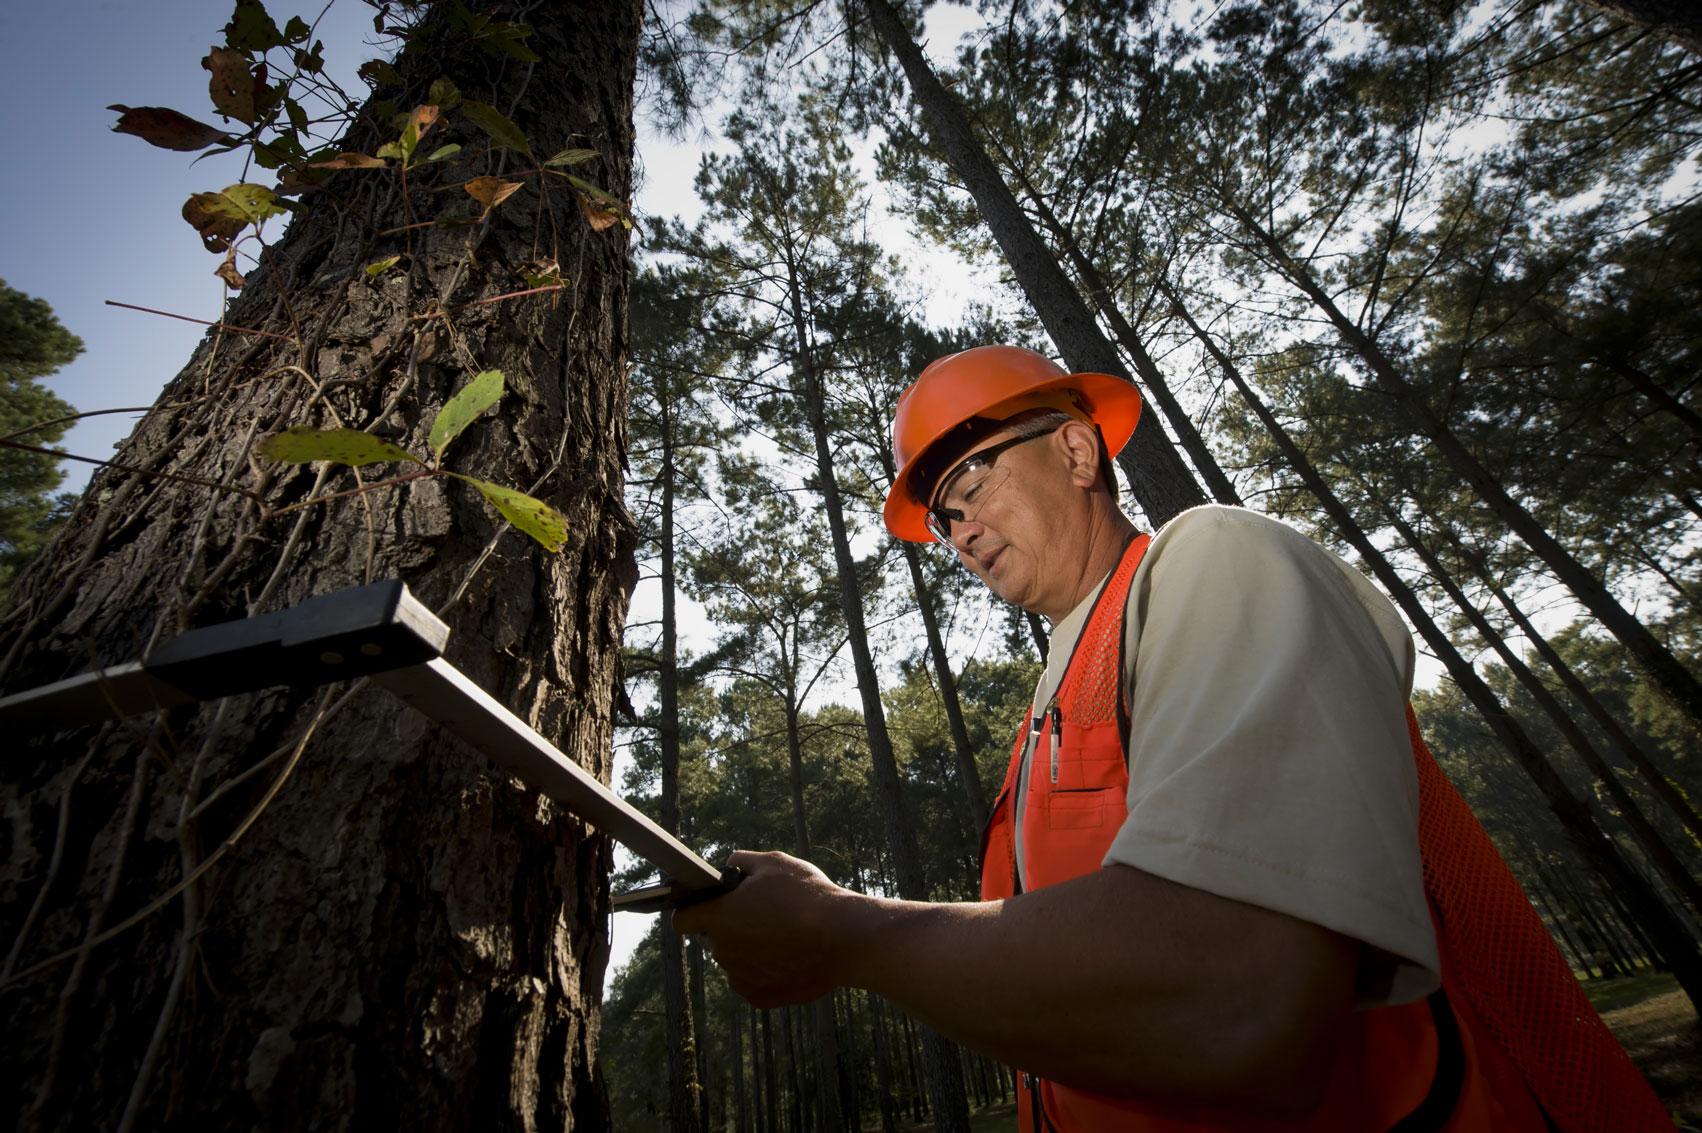 Um homem de colete laranja e capacete medindo a largura de uma árvore alta.